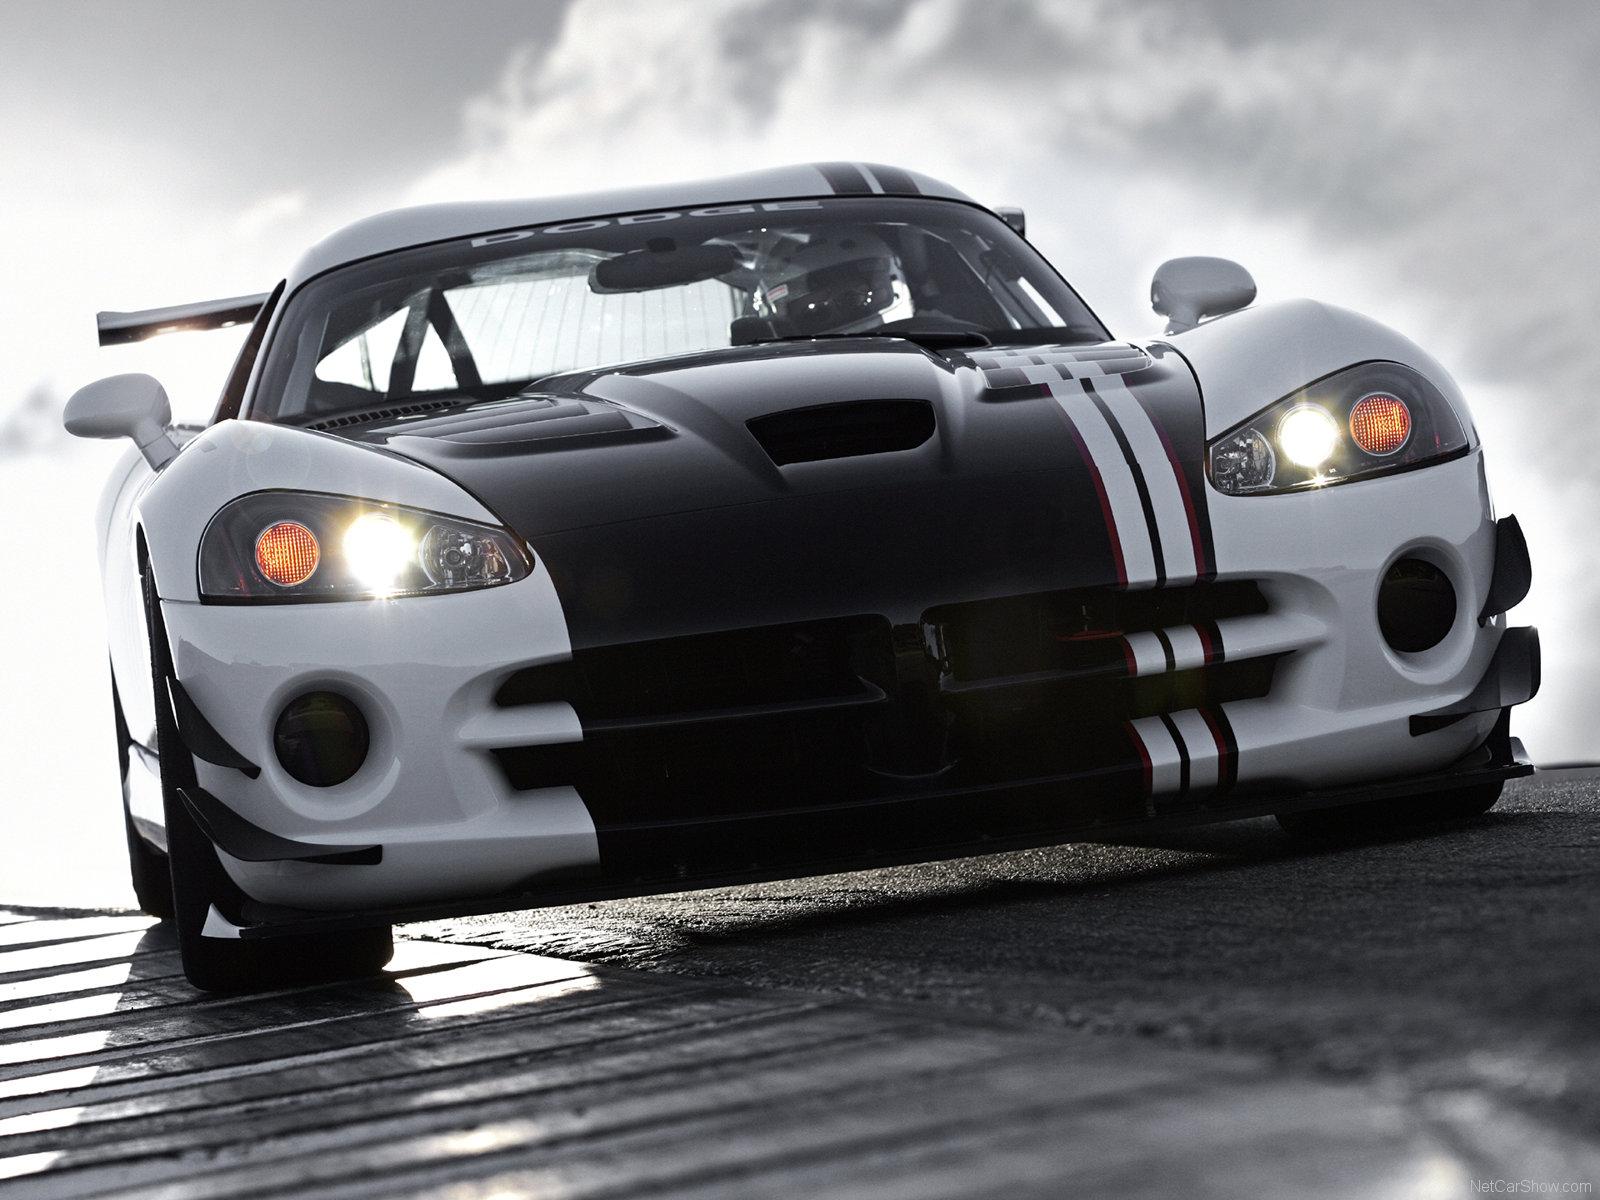 Dodge viper srt10 acr x 2010 1600x1200 wallpaper 05